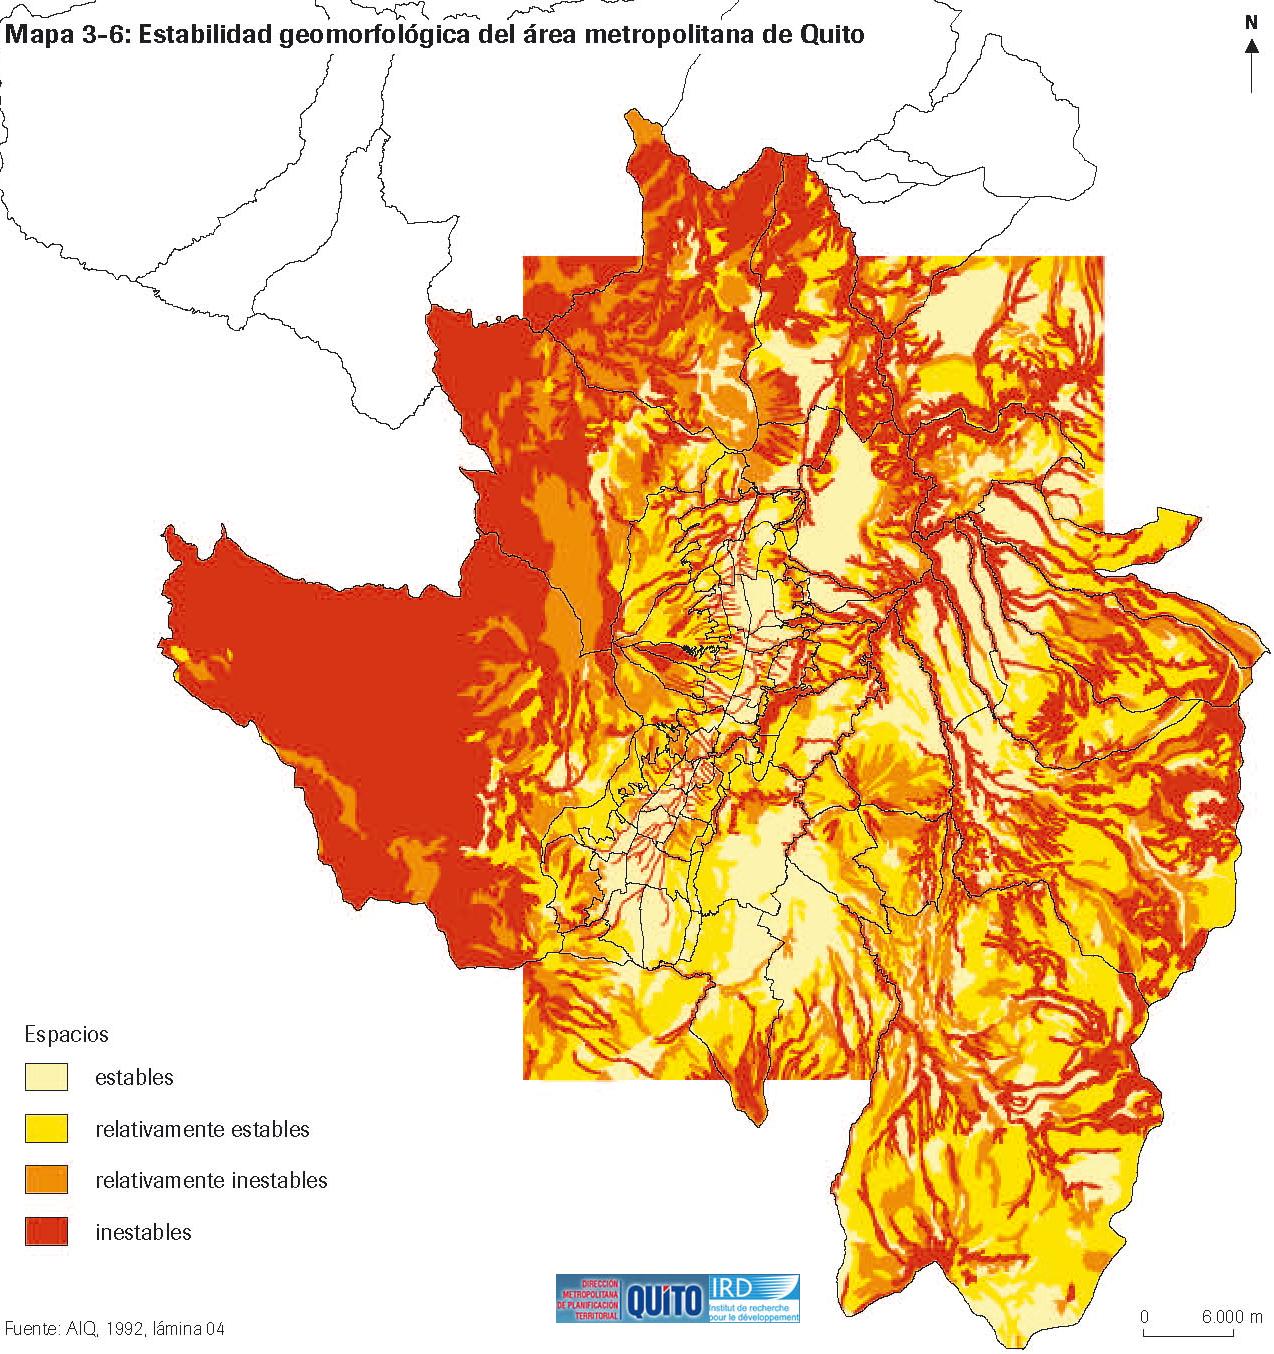 Estabilidad geomorfológica del área metropolitana de Quito 1990